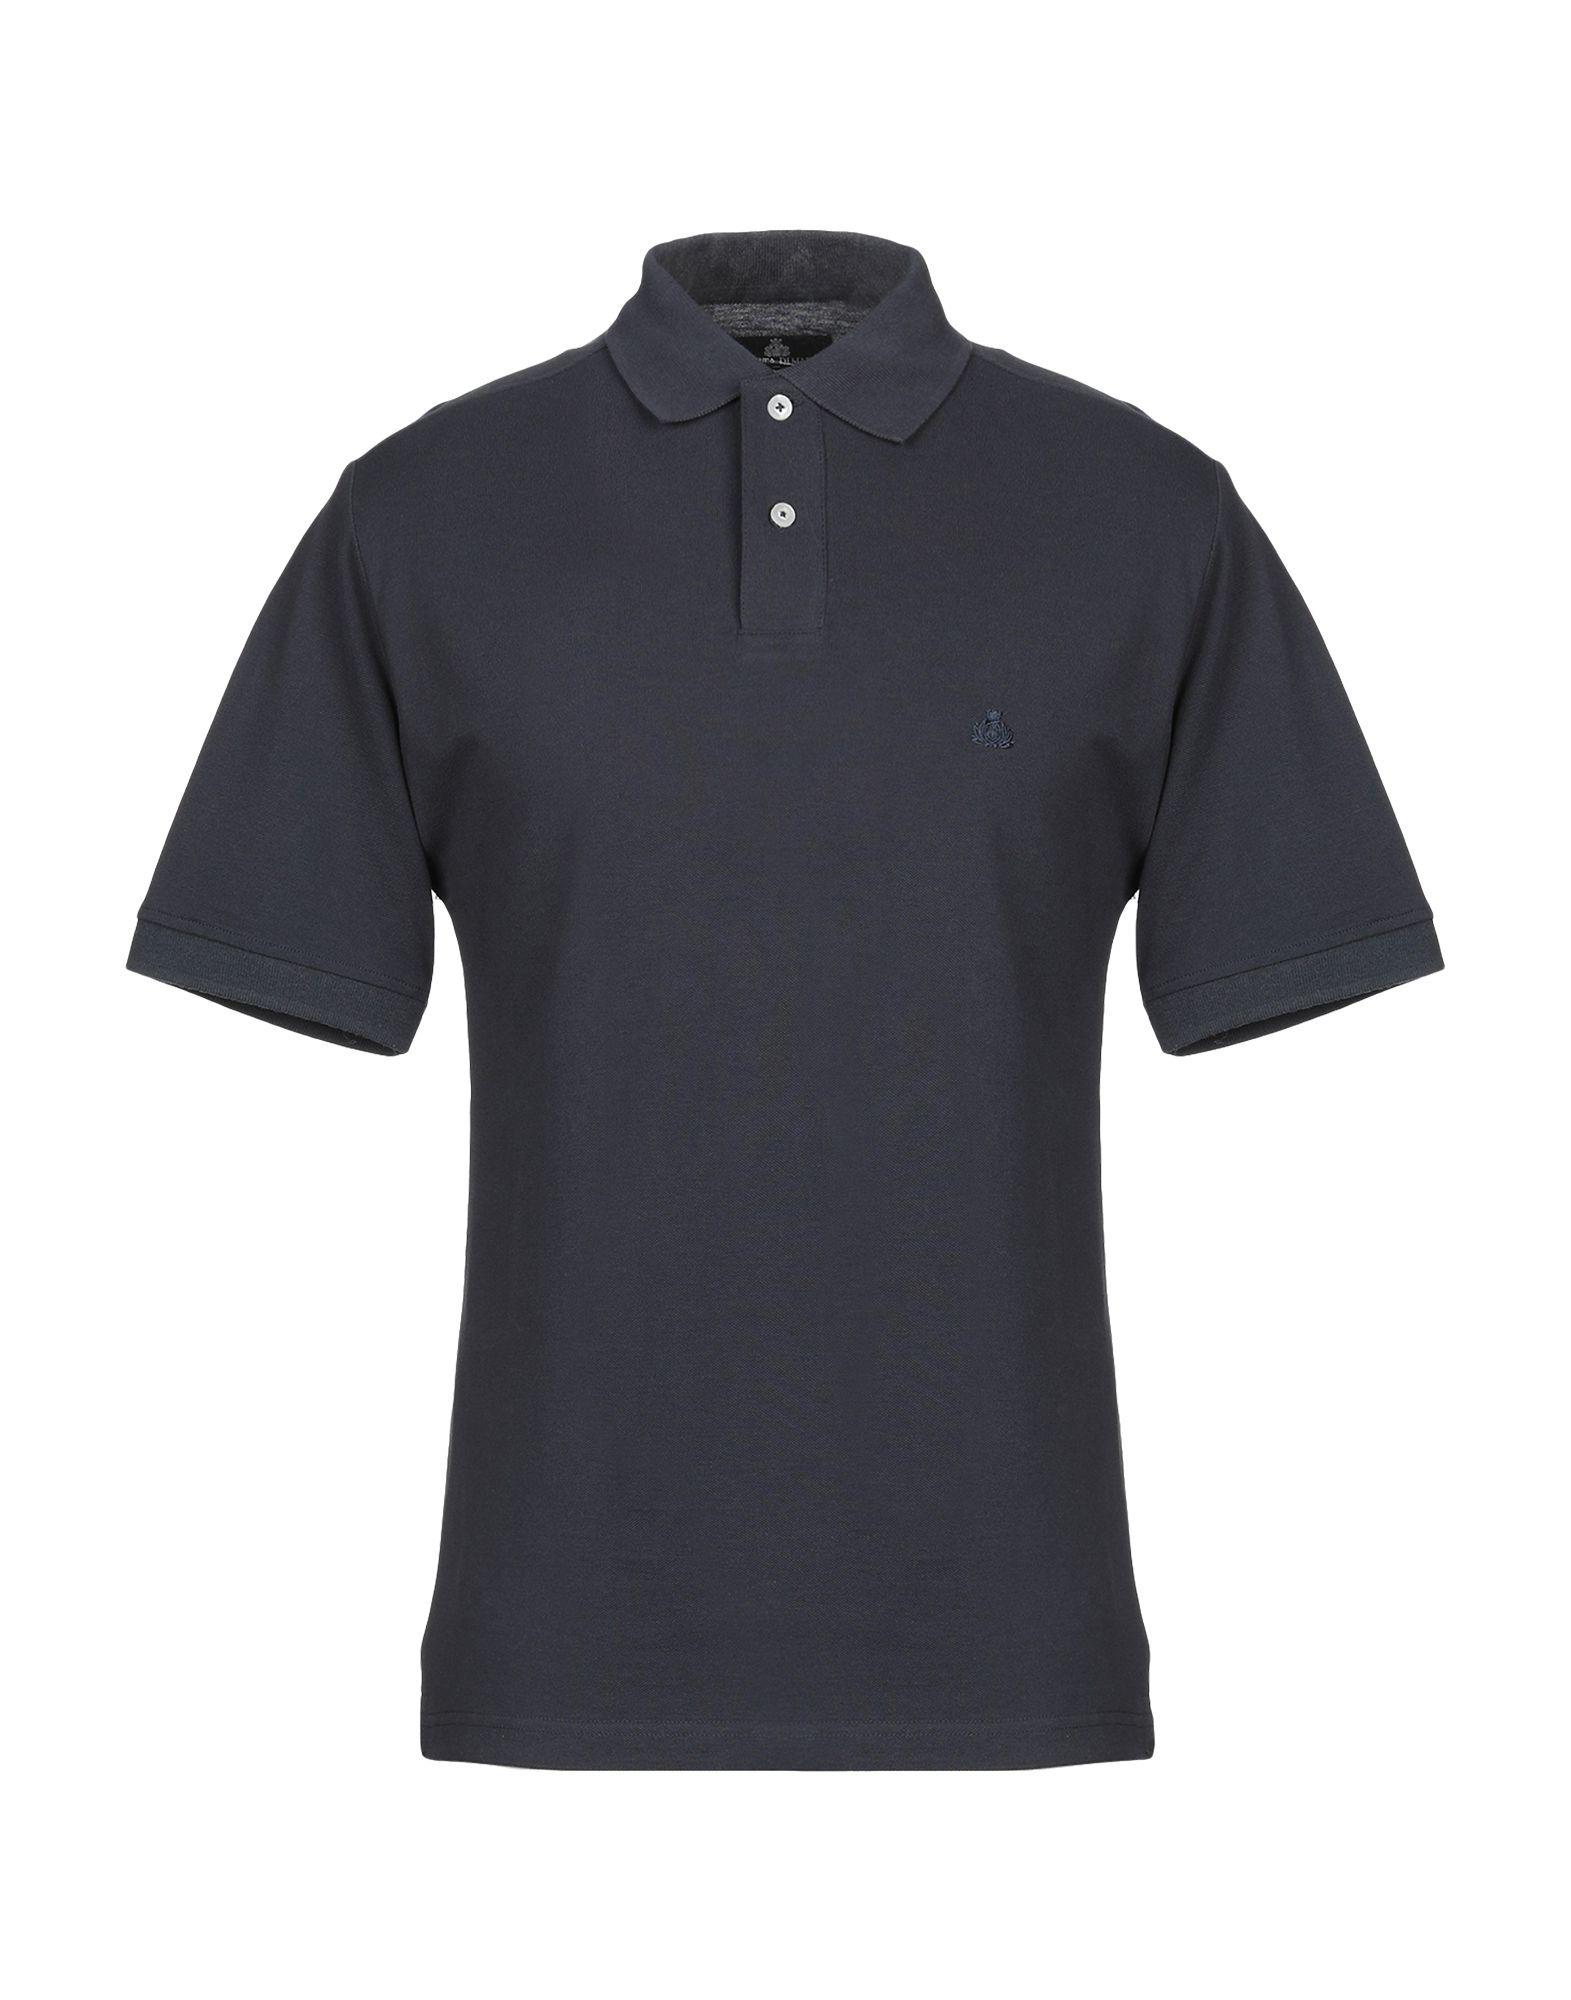 《送料無料》ARMATA DI MARE メンズ ポロシャツ ダークブルー 46 コットン 100%